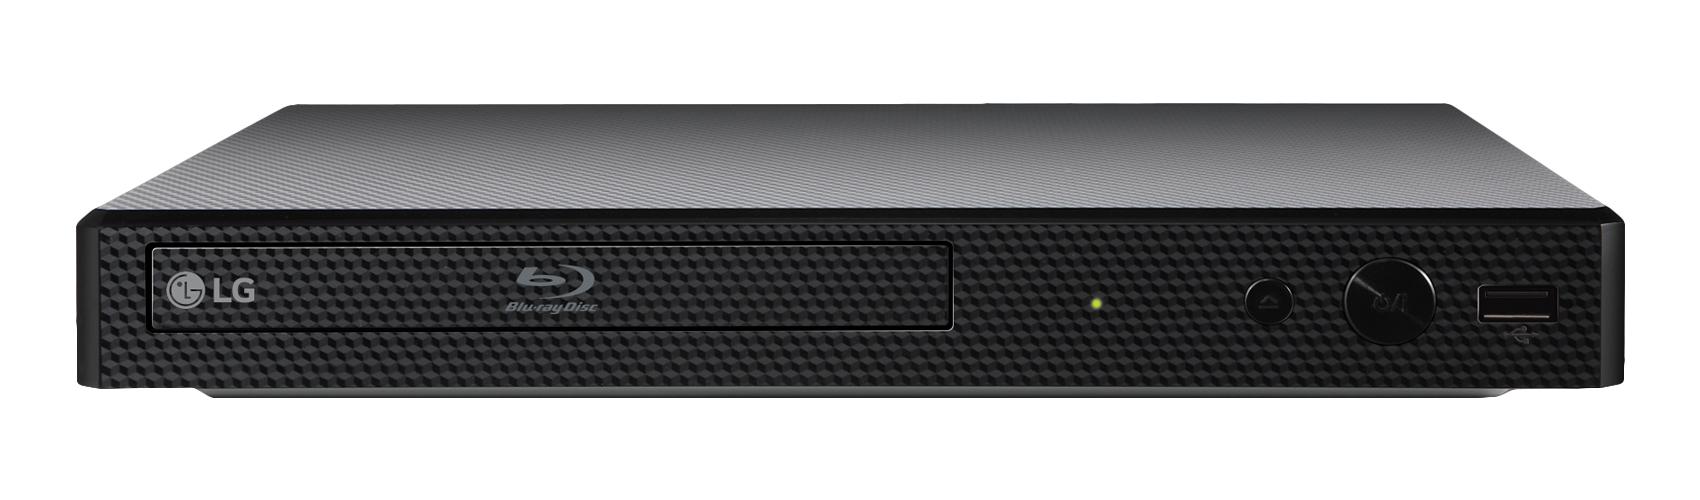 LG BP250 Blu-Ray player Black DVD/Blu-Ray player